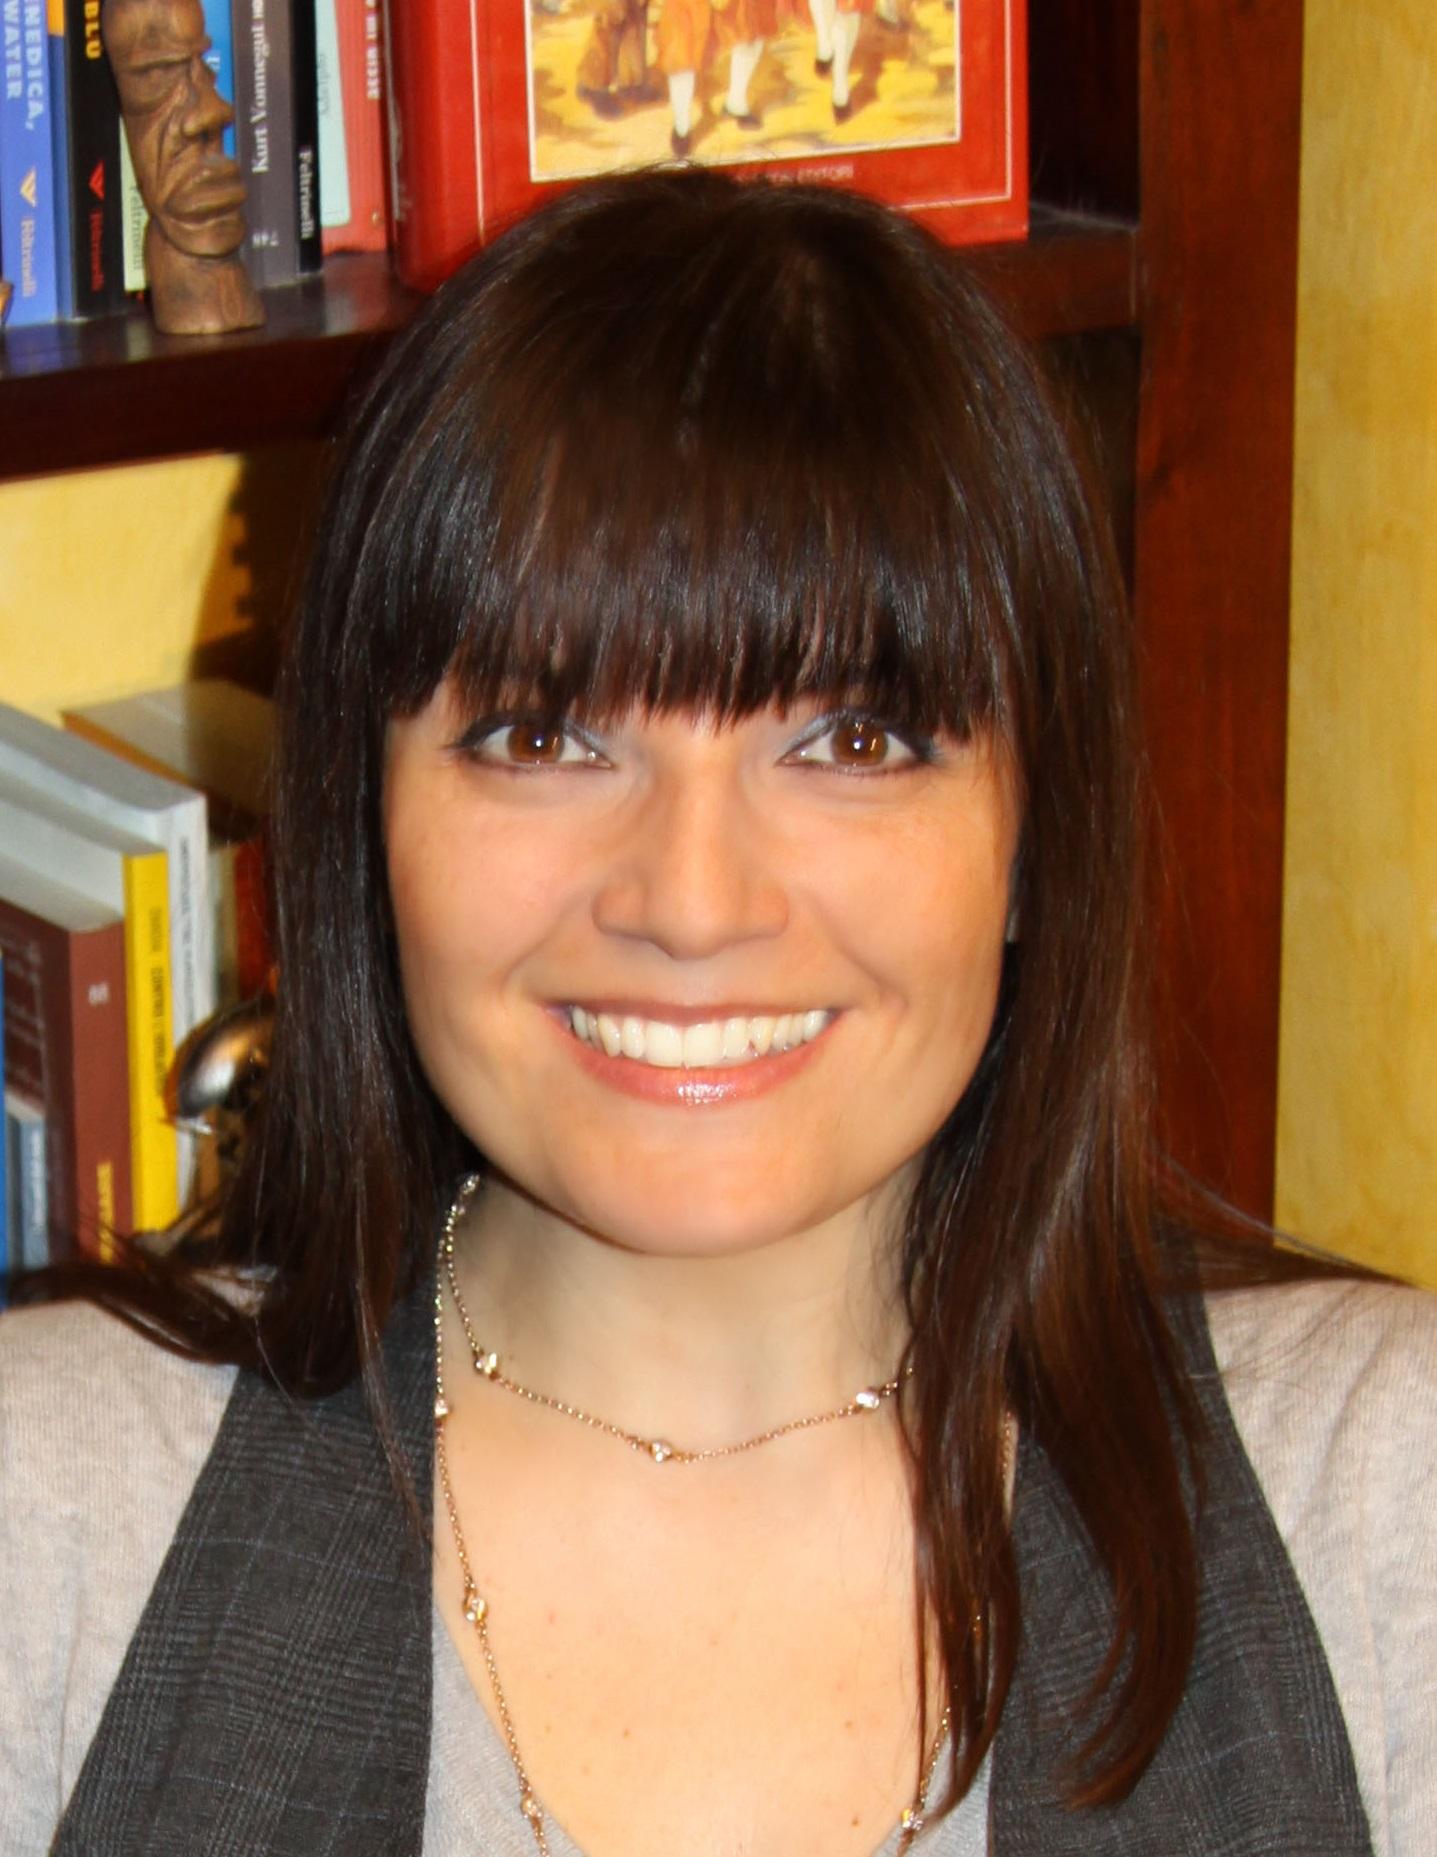 OCCITANO PROVENZALE – Rosella Pellerino